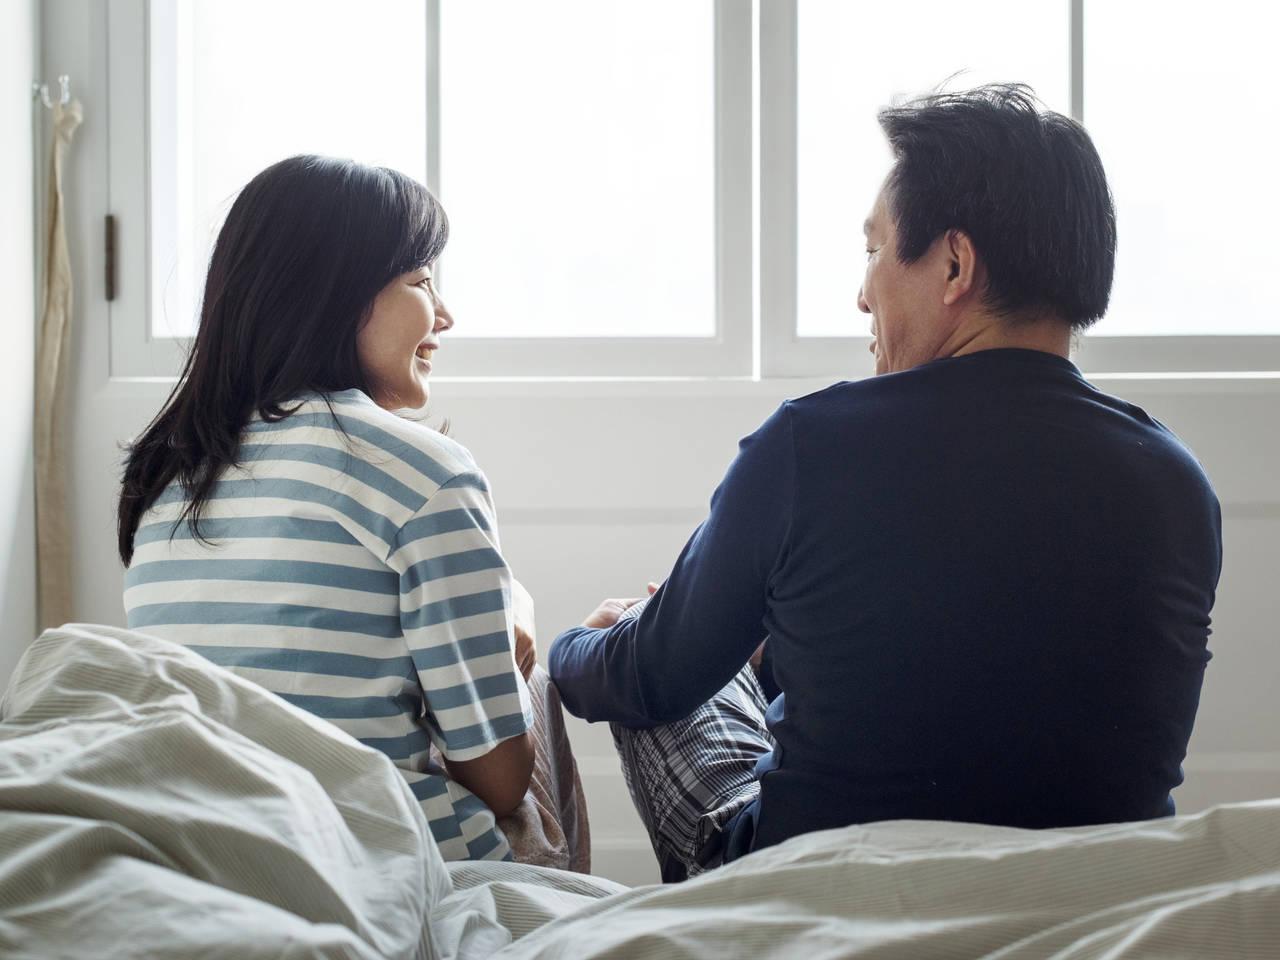 産後ママとパパがセックスレスになる理由。夫婦で歩み寄り解消しよう